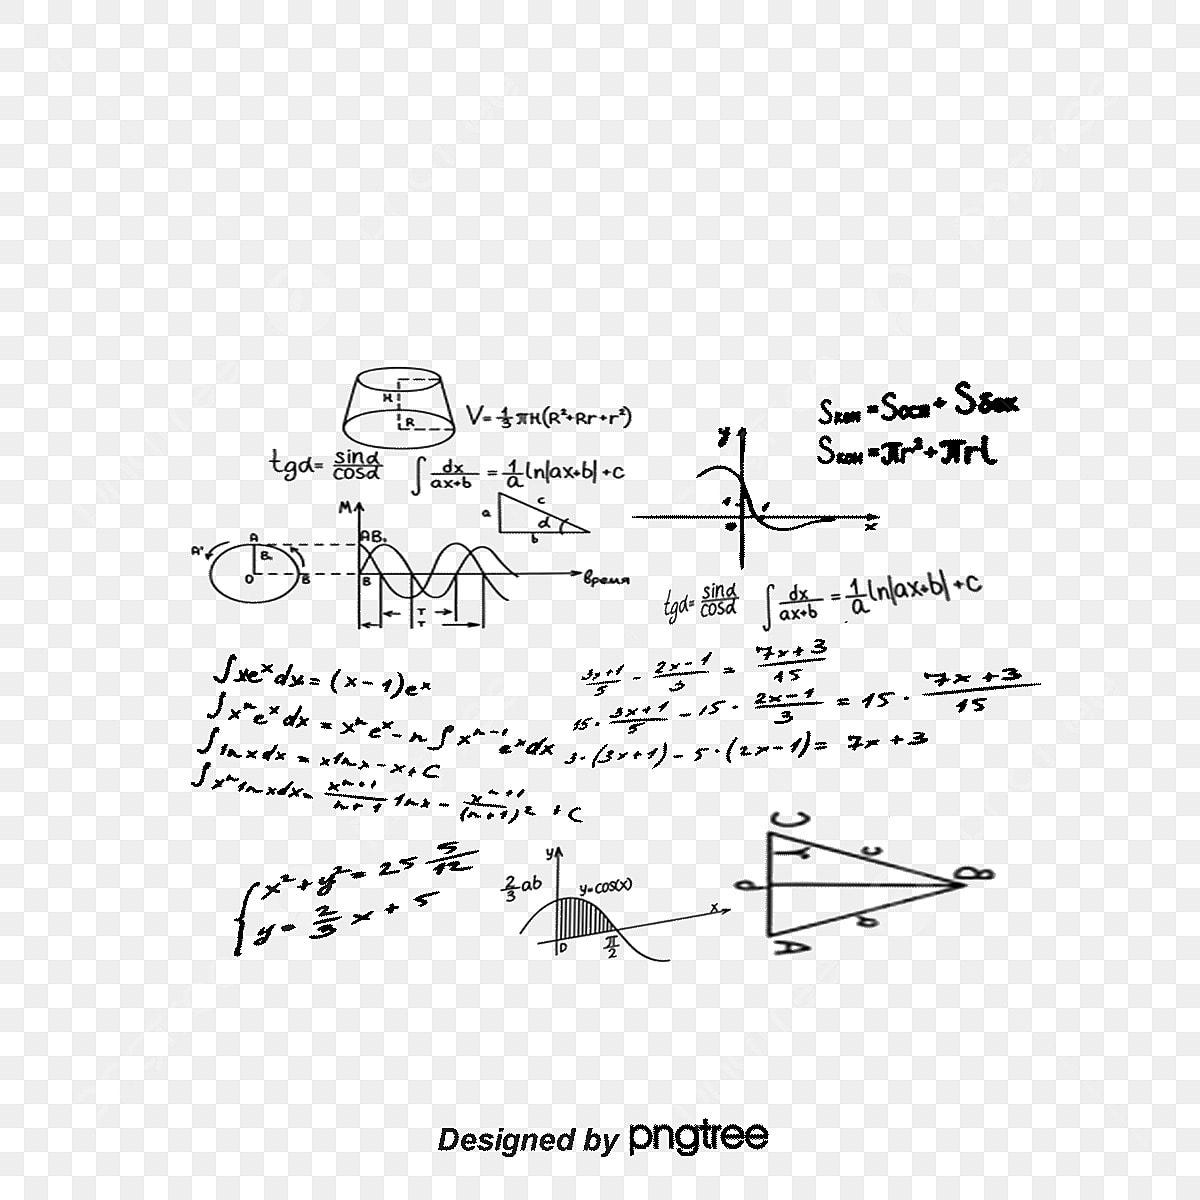 数学公式画像ノート 漂う ベクトル 数学ノート画像とpsd素材ファイルの無料ダウンロード Pngtree